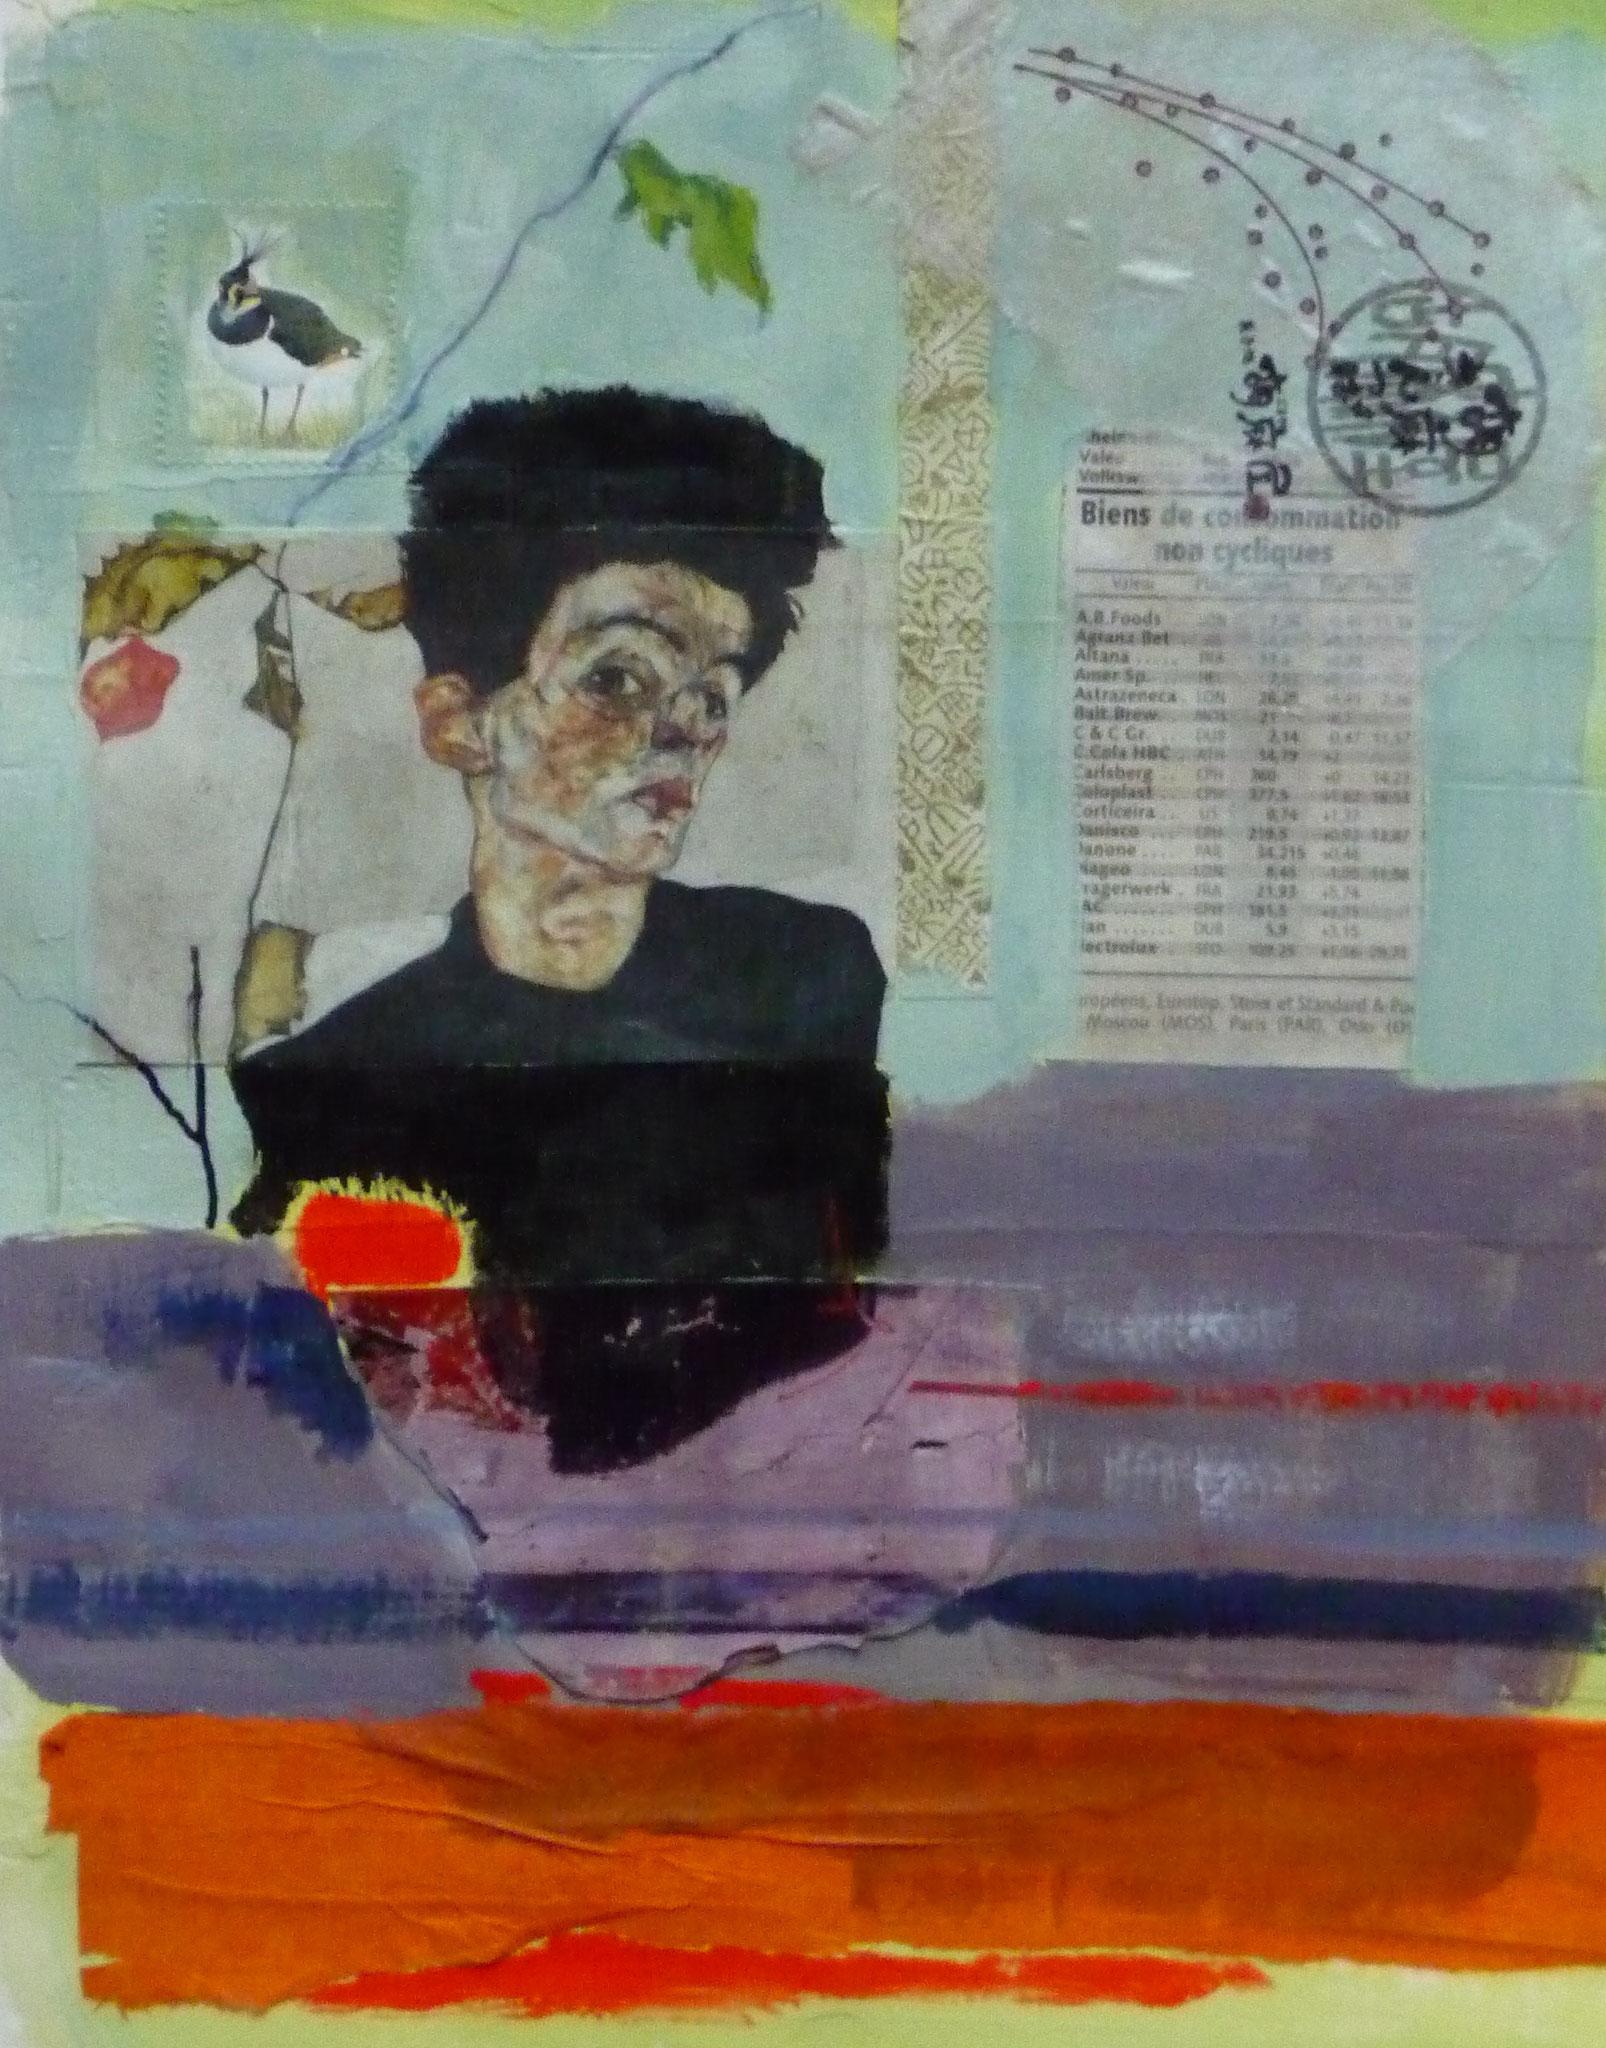 Biens de consommation non cycliques   ---   2012 - Acrylique - 30 x 20 cm